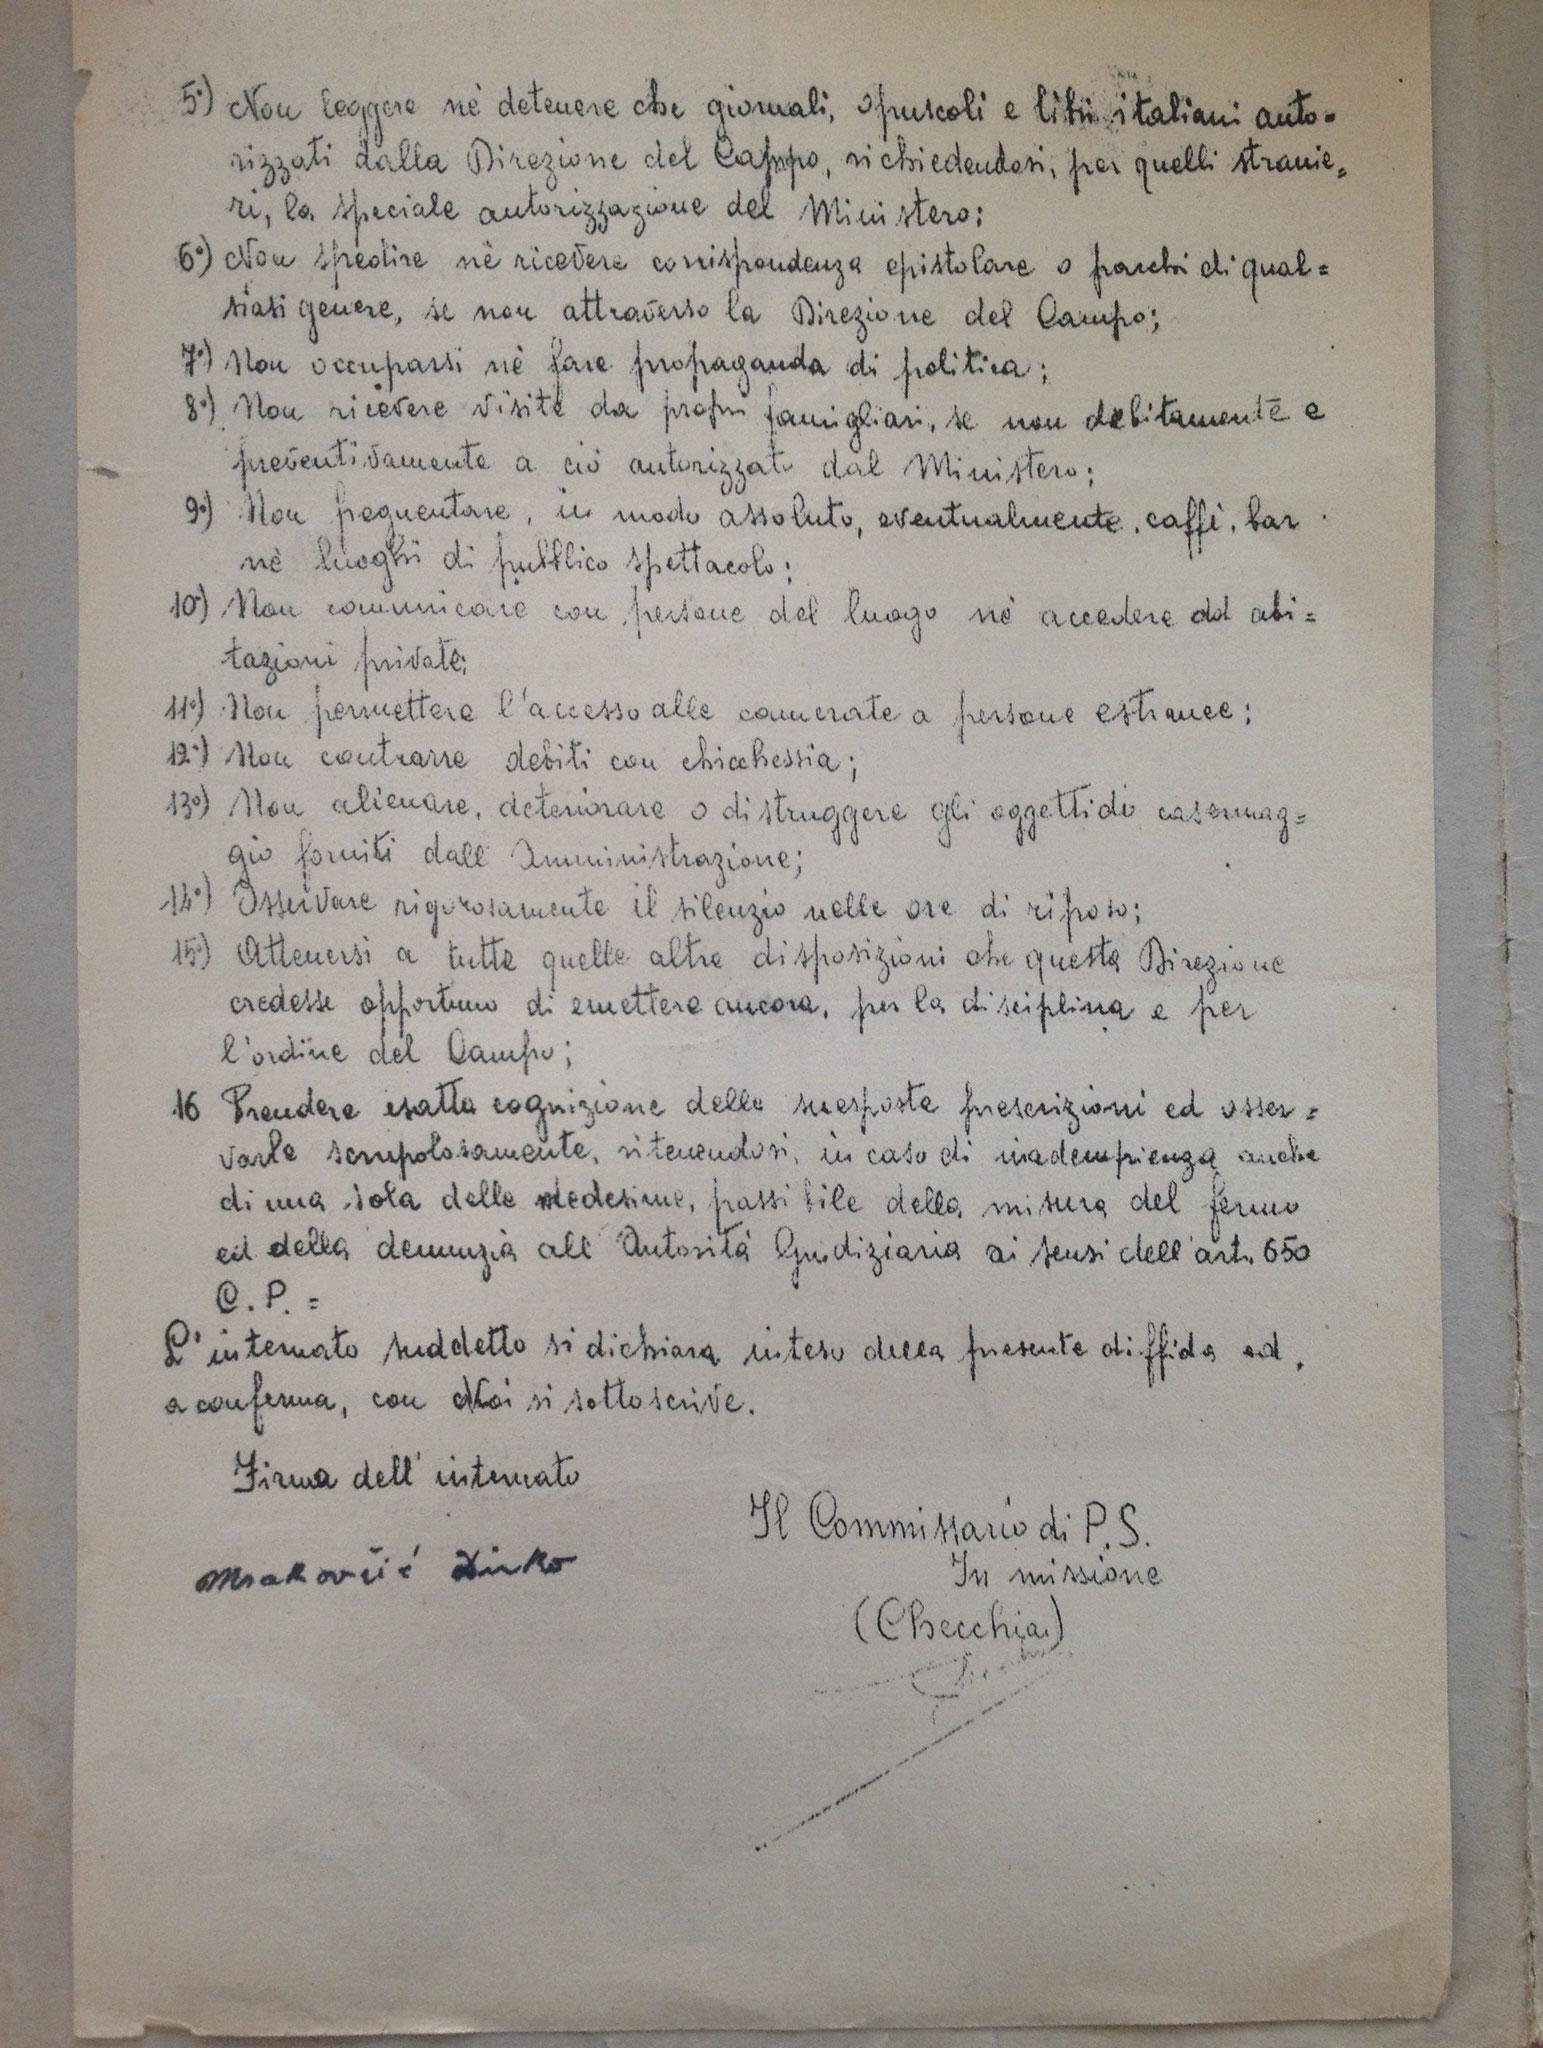 Prescrizione delle regole del Campo di Concentramento di Casoli, foglio 2